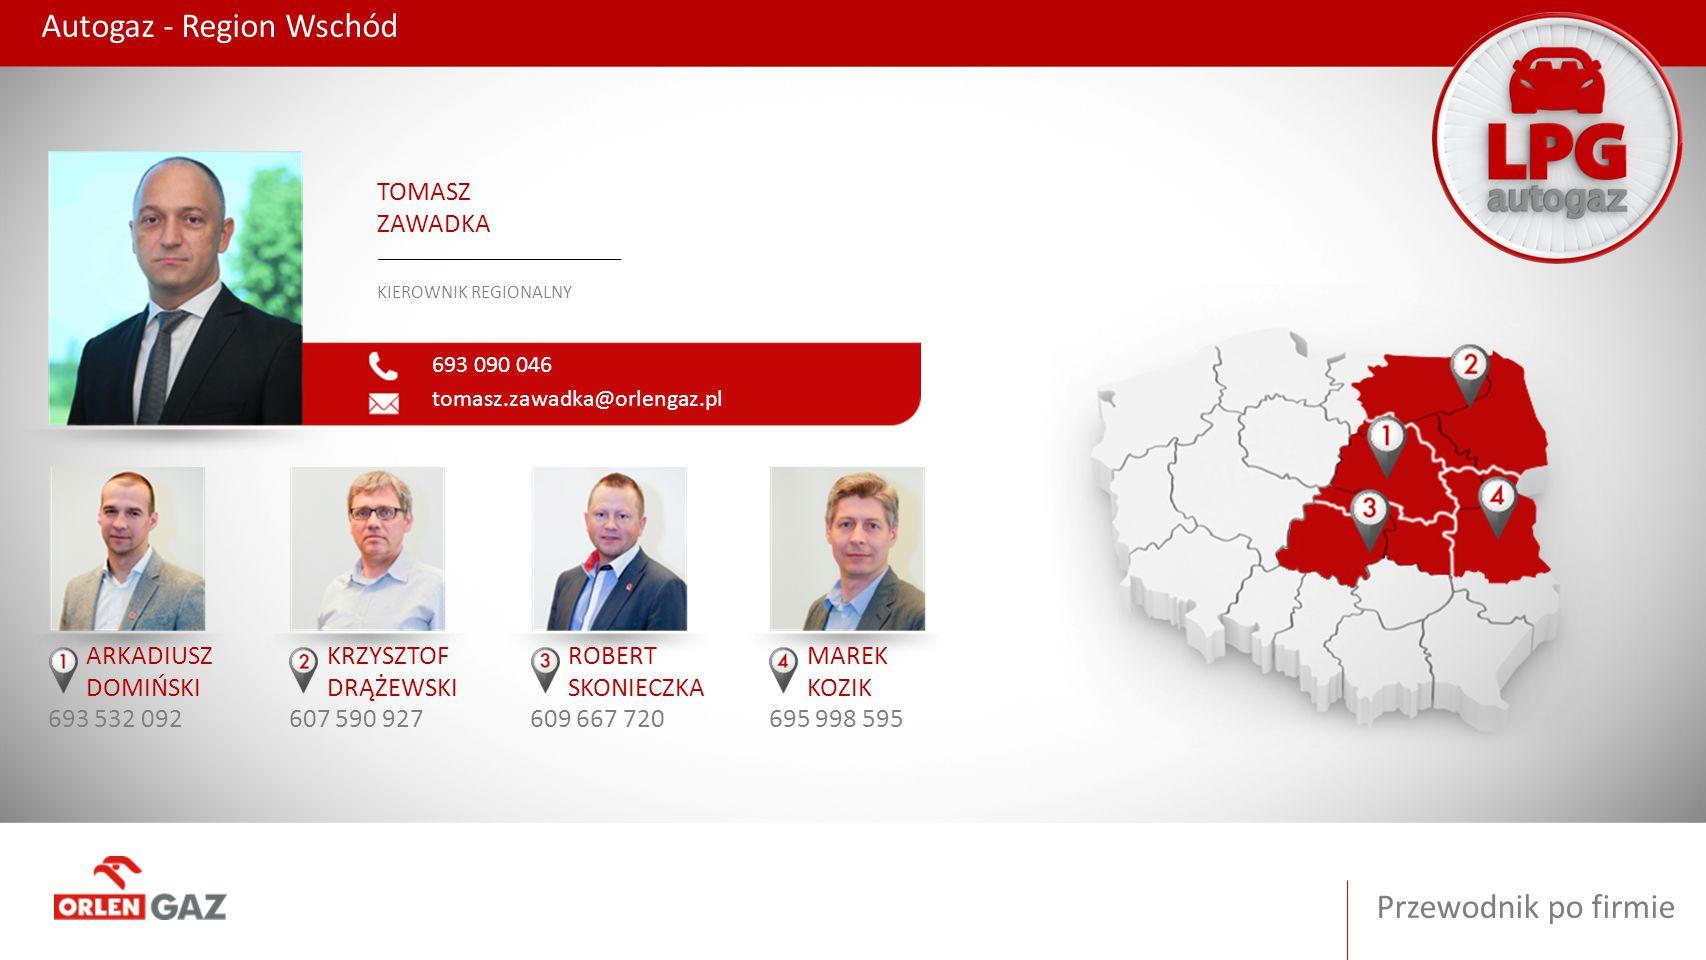 Przewodnik po firmie Autogaz - Region Wschód 693 090 046 tomasz.zawadka@orlengaz.pl TOMASZ ZAWADKA KIEROWNIK REGIONALNY ARKADIUSZ DOMIŃSKI 693 532 092